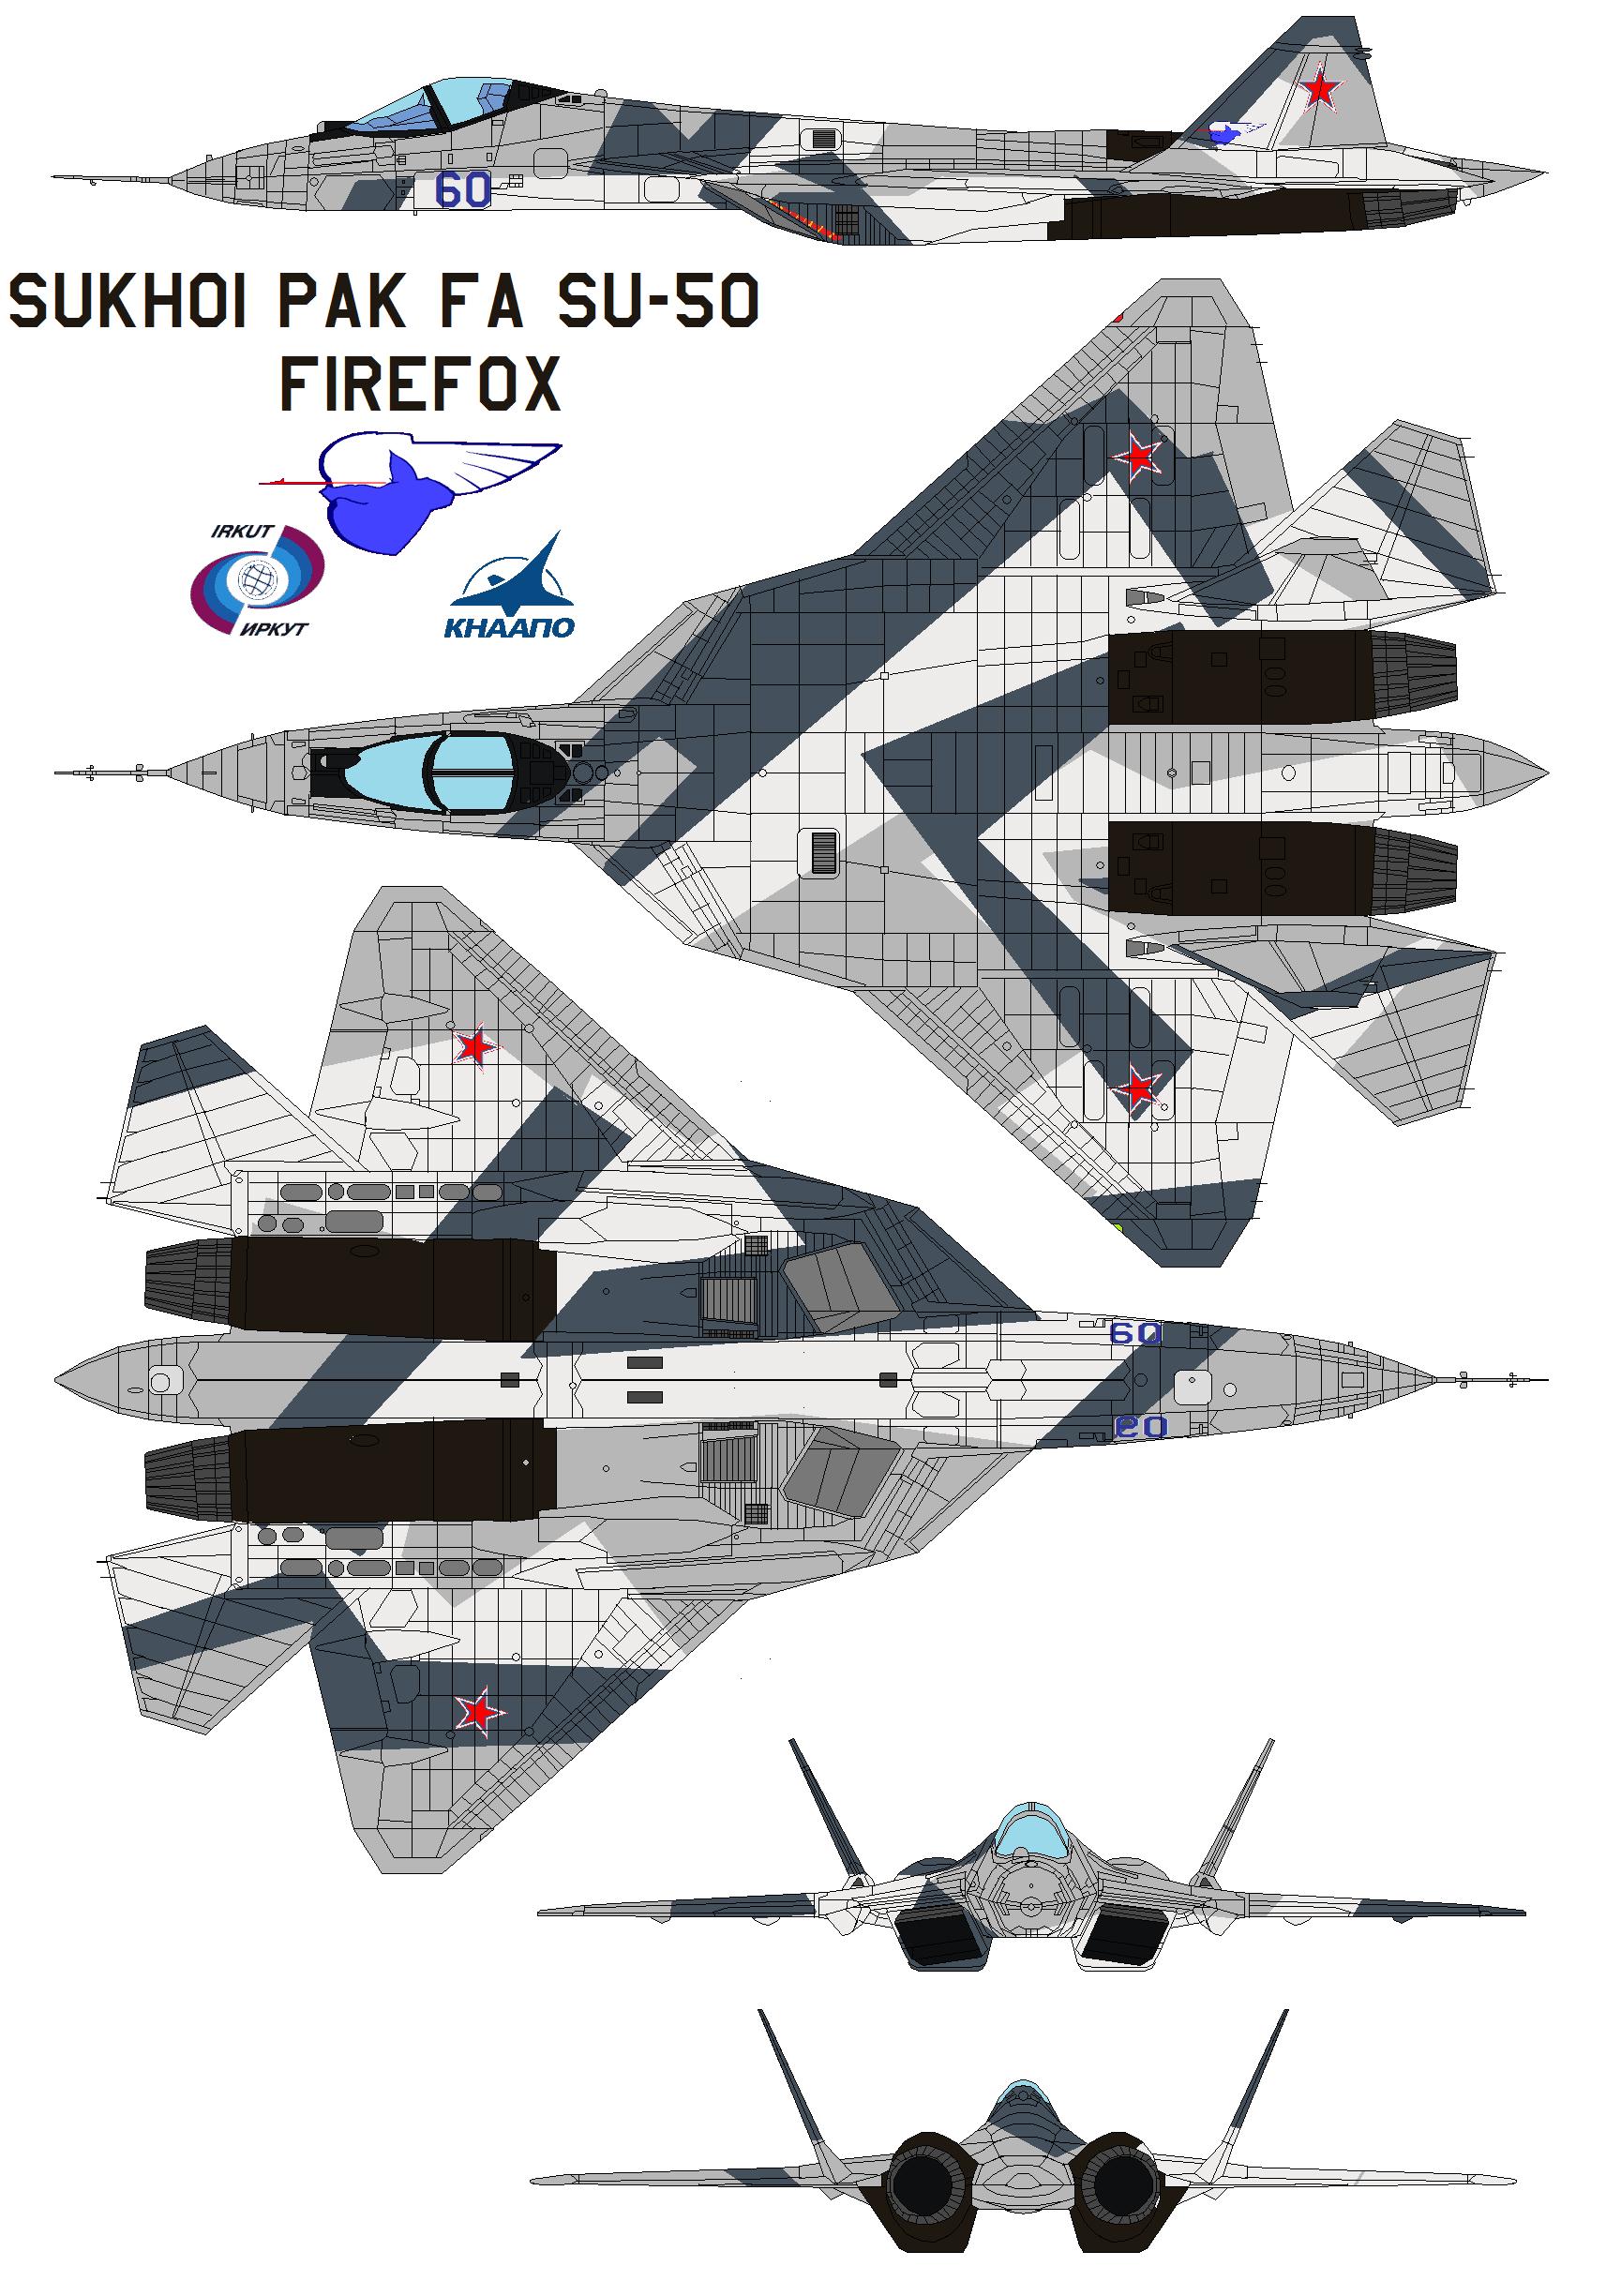 Sukhoi PAK FA SU-50 firefox by bagera3005